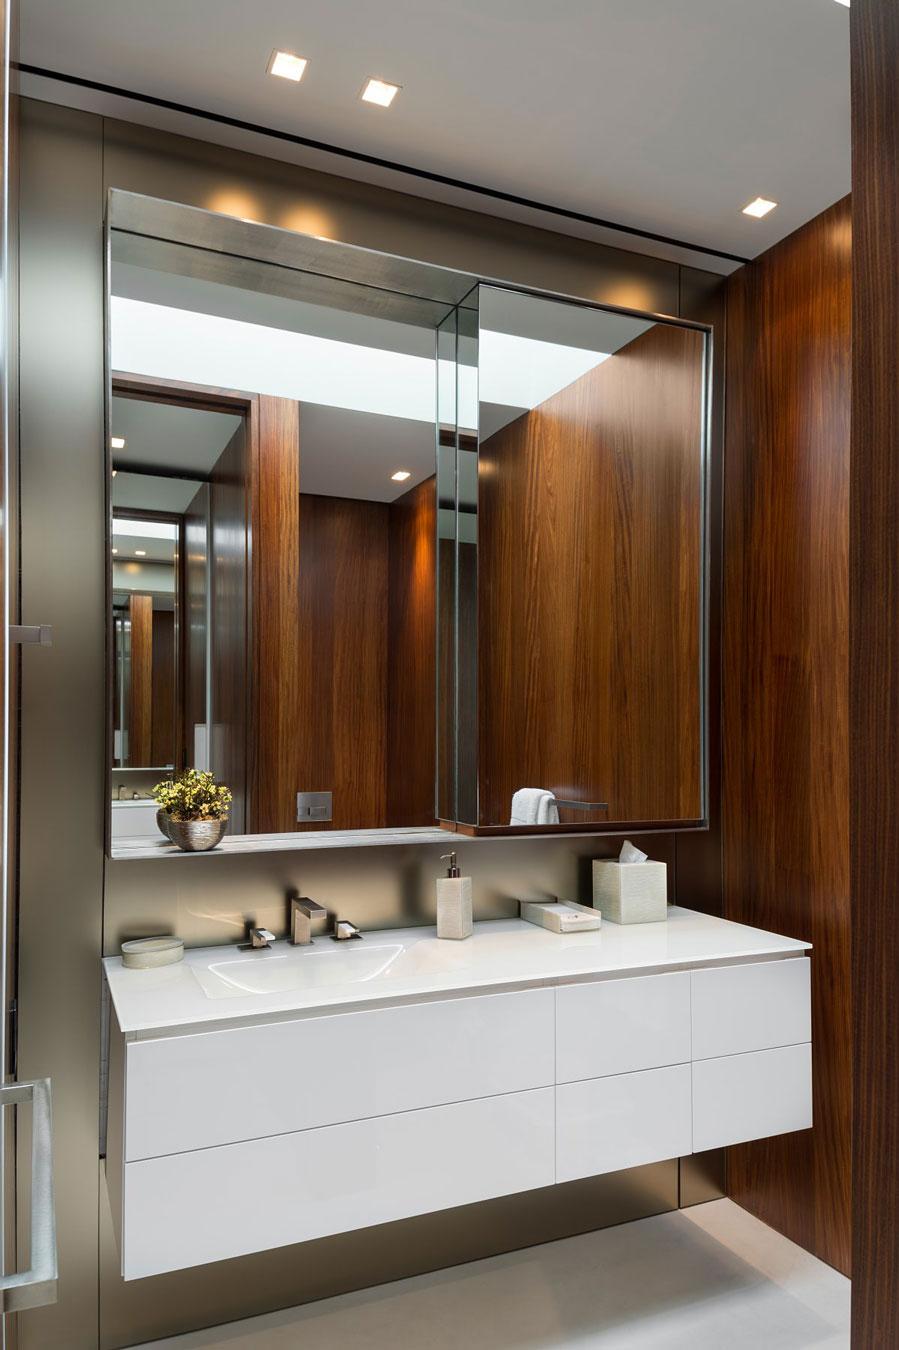 Wooden Walls, Bathroom, Oceanfront Home in Sagaponack, New York